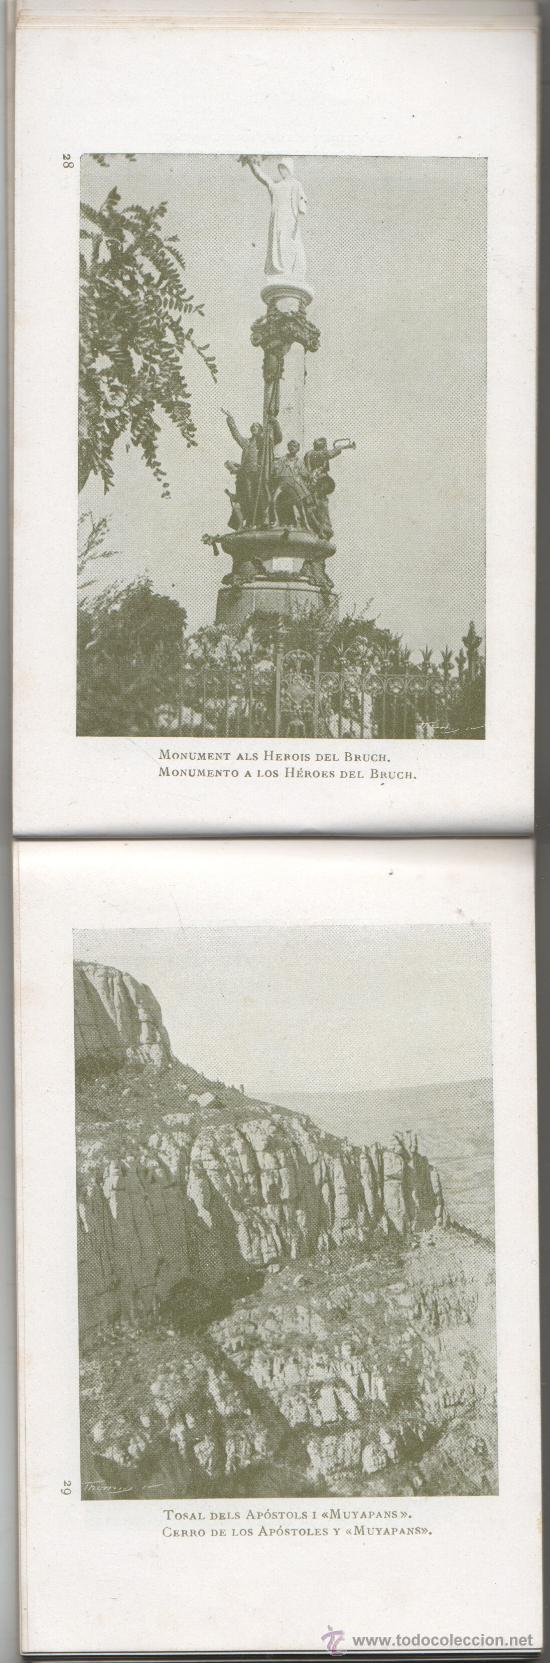 Postales: bloc de postales de montserrat de U.I.O.G.D FOTOS 80 - Foto 5 - 35855146